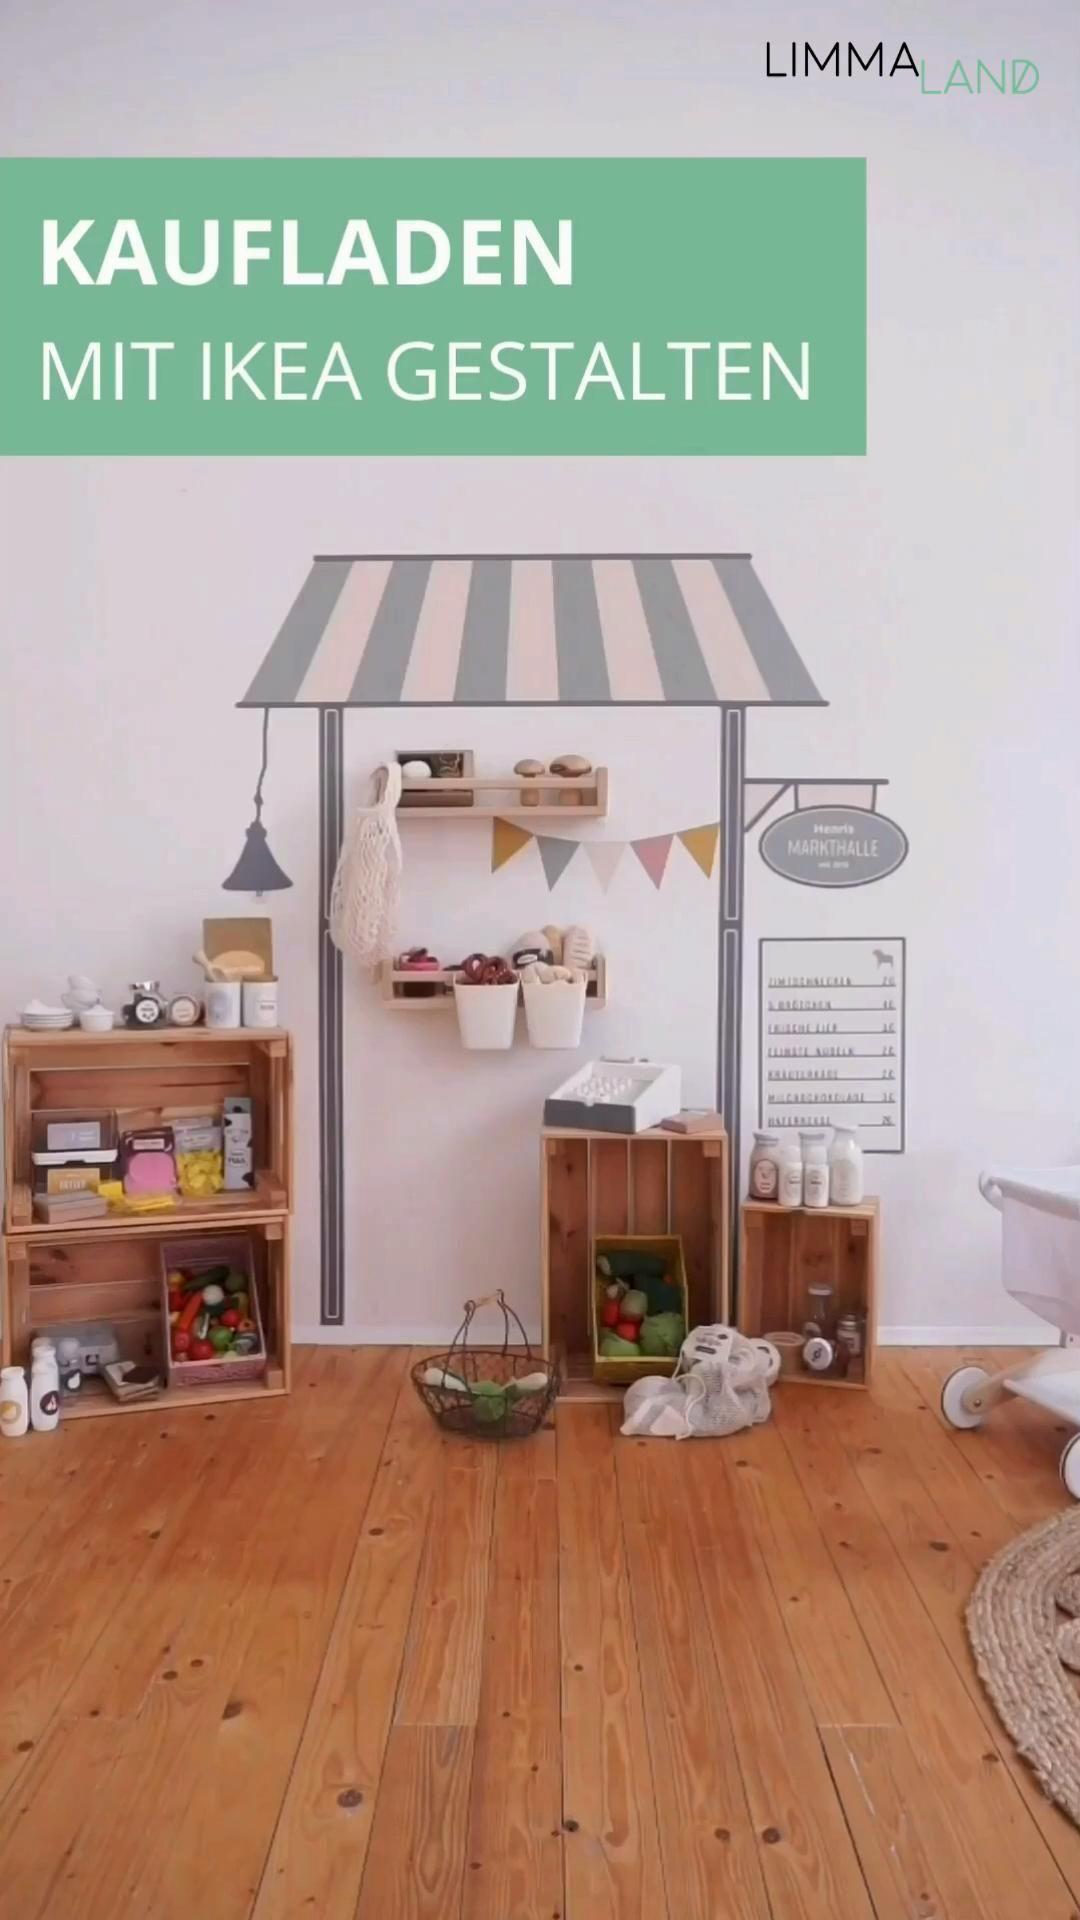 Gestalte deinen individuellen Kaufladen mit IKEA Zubehör!